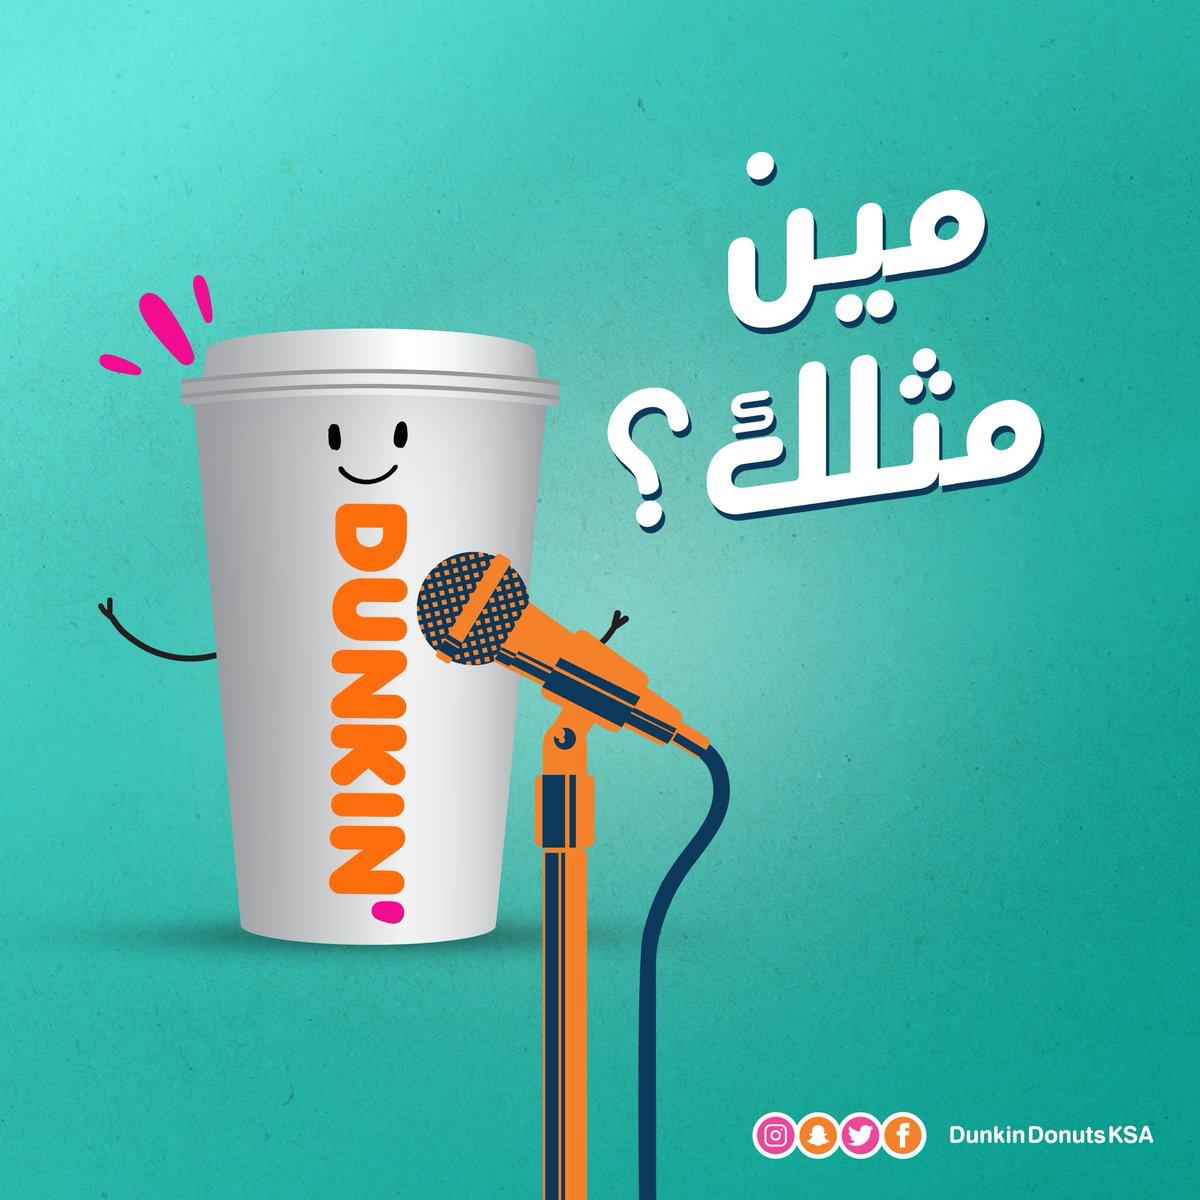 مين مثلك!  فعلا مين مثلك ياقهوة #دانكن !🙄☕️ https://t.co/hpCqoKMt0o